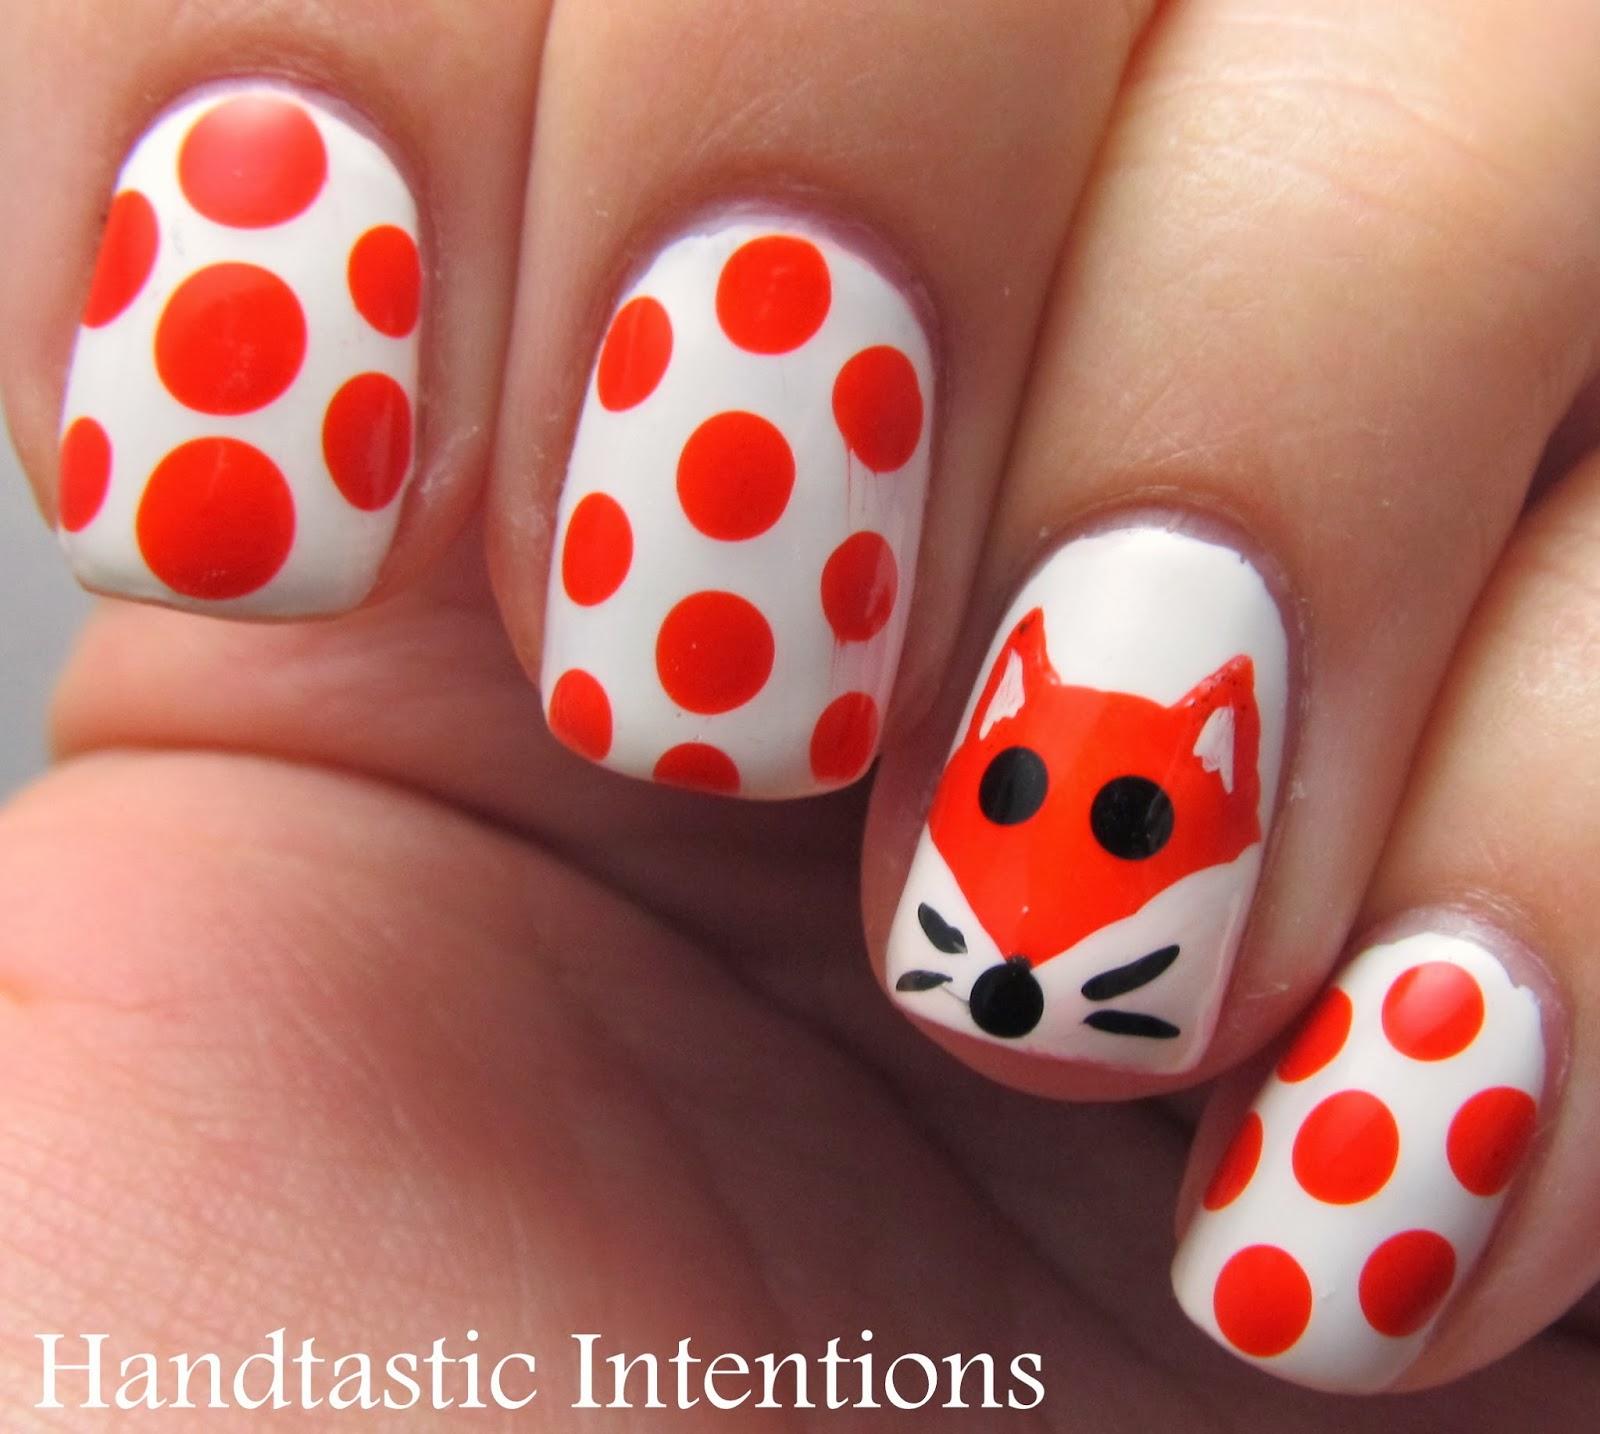 Handtastic Intentions: Nail Art: Fox for Nail Art November